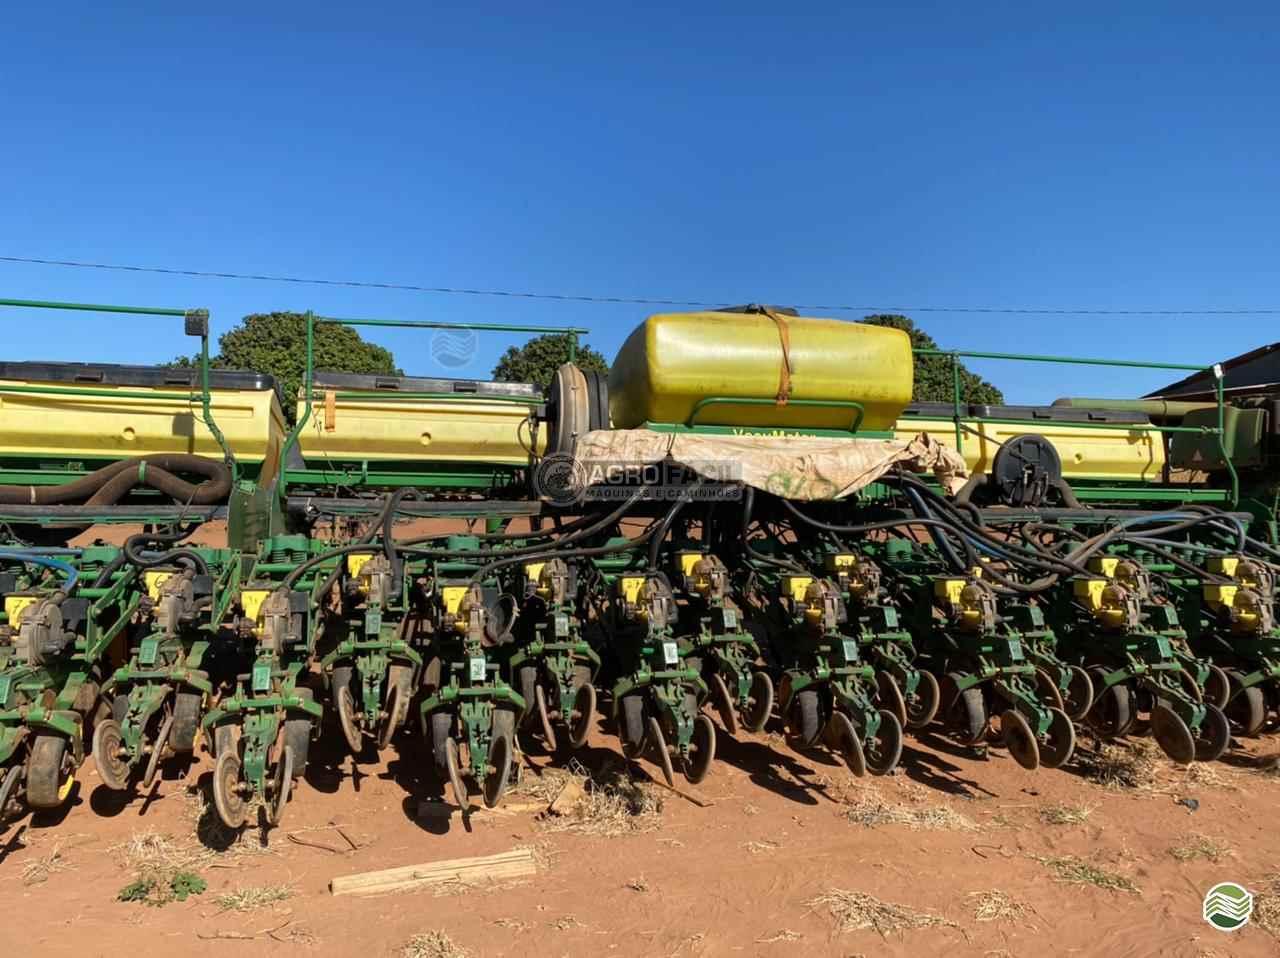 PLANTADEIRA JOHN DEERE PLANTADEIRAS 2130 Agro Fácil Máquinas PRIMAVERA DO LESTE MATO GROSSO MT